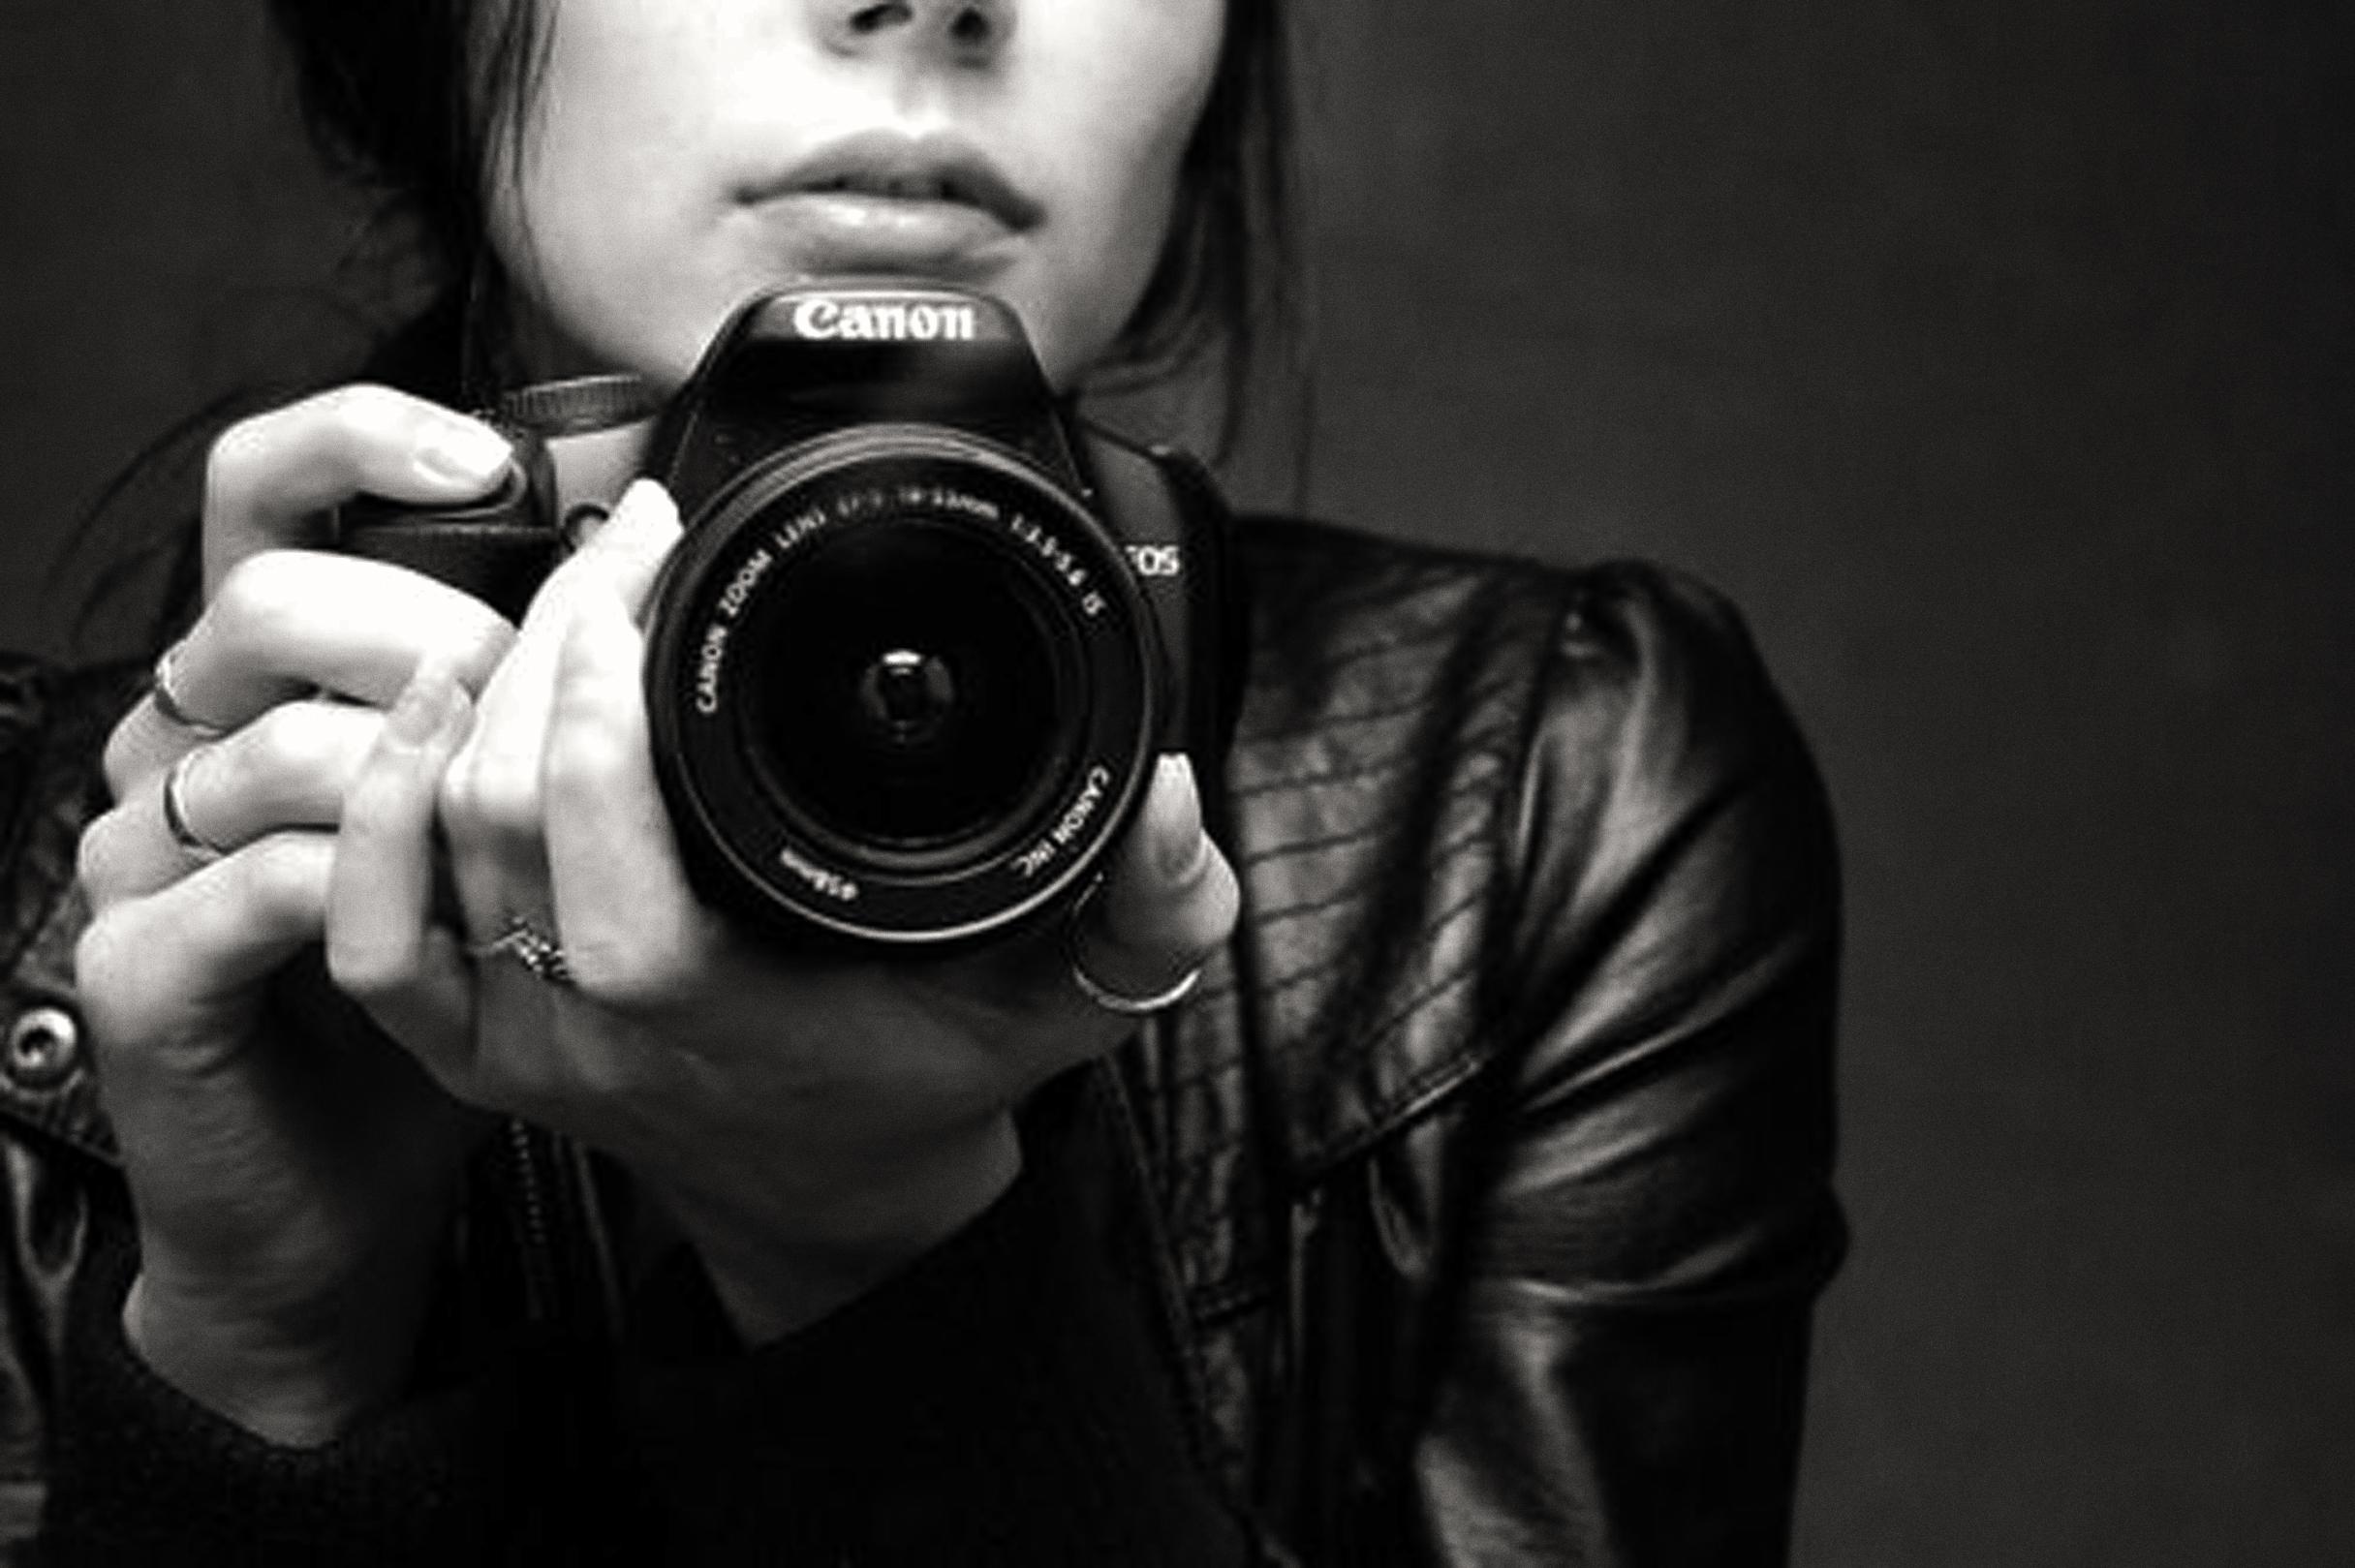 черно белое фото где фотографируют полукруг, который соответствует